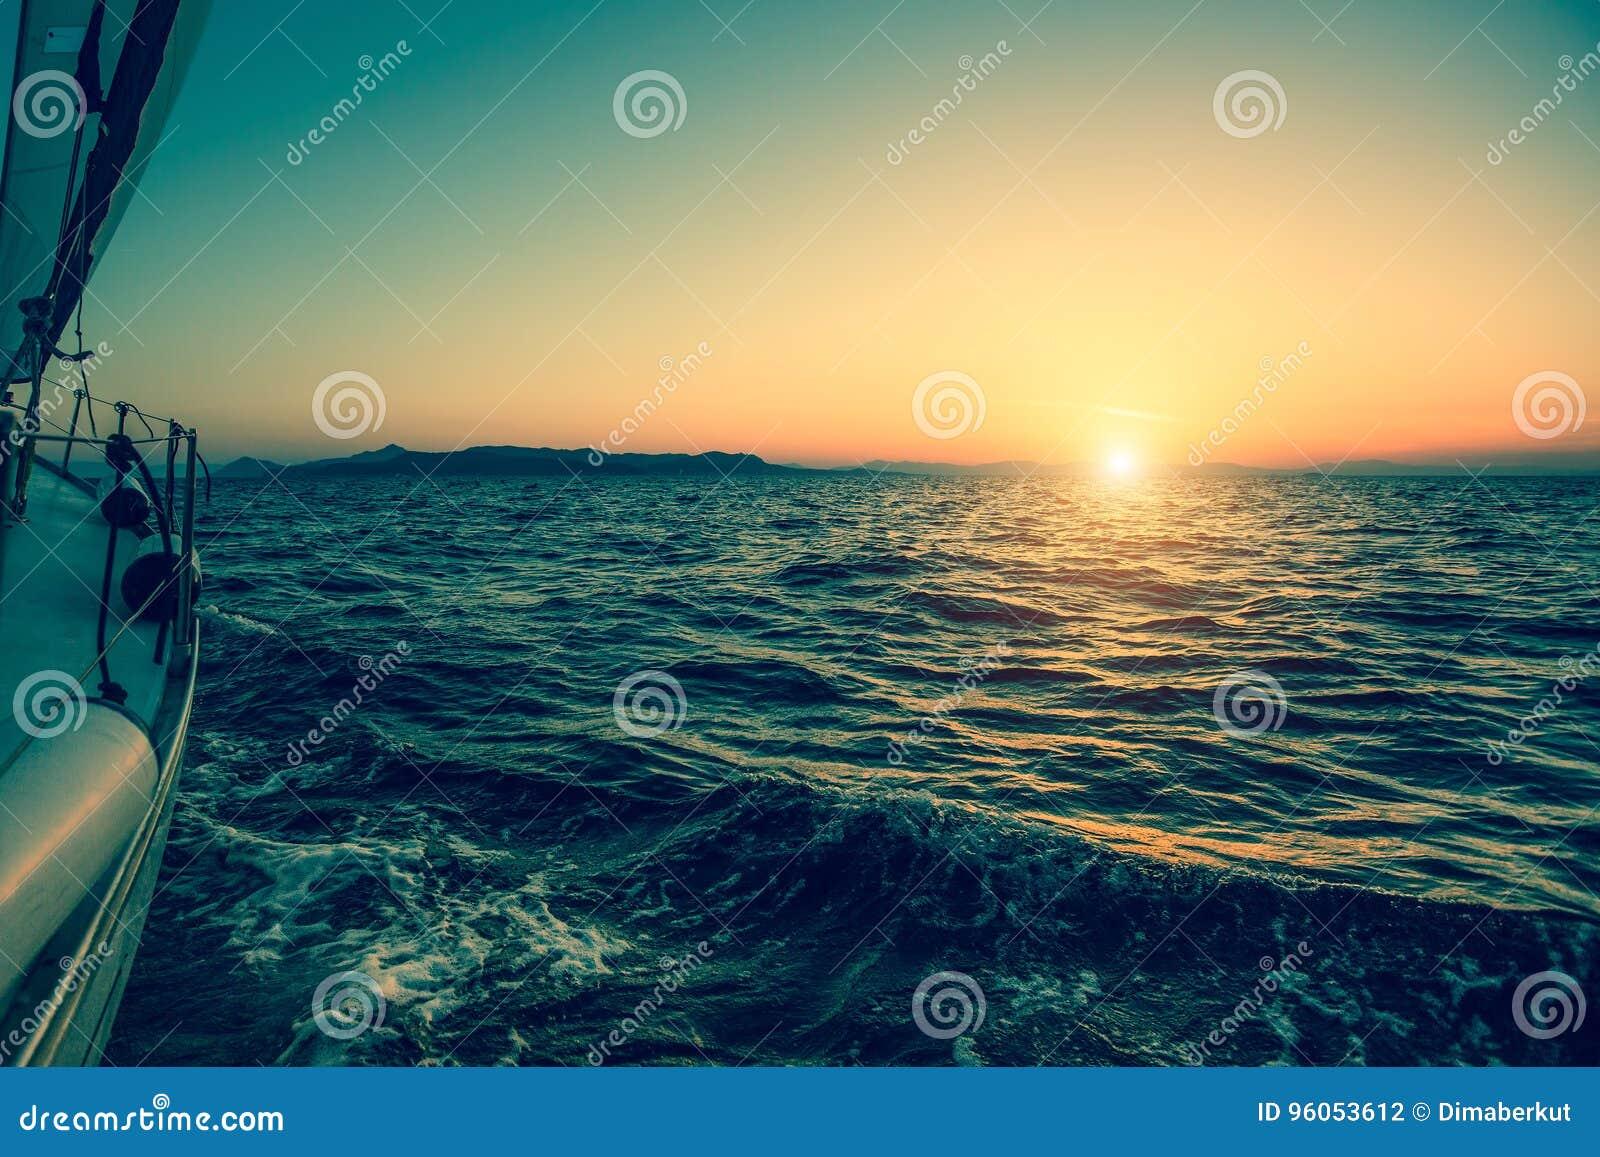 Bateau de luxe de yacht de bateau de navigation en mer pendant le coucher du soleil